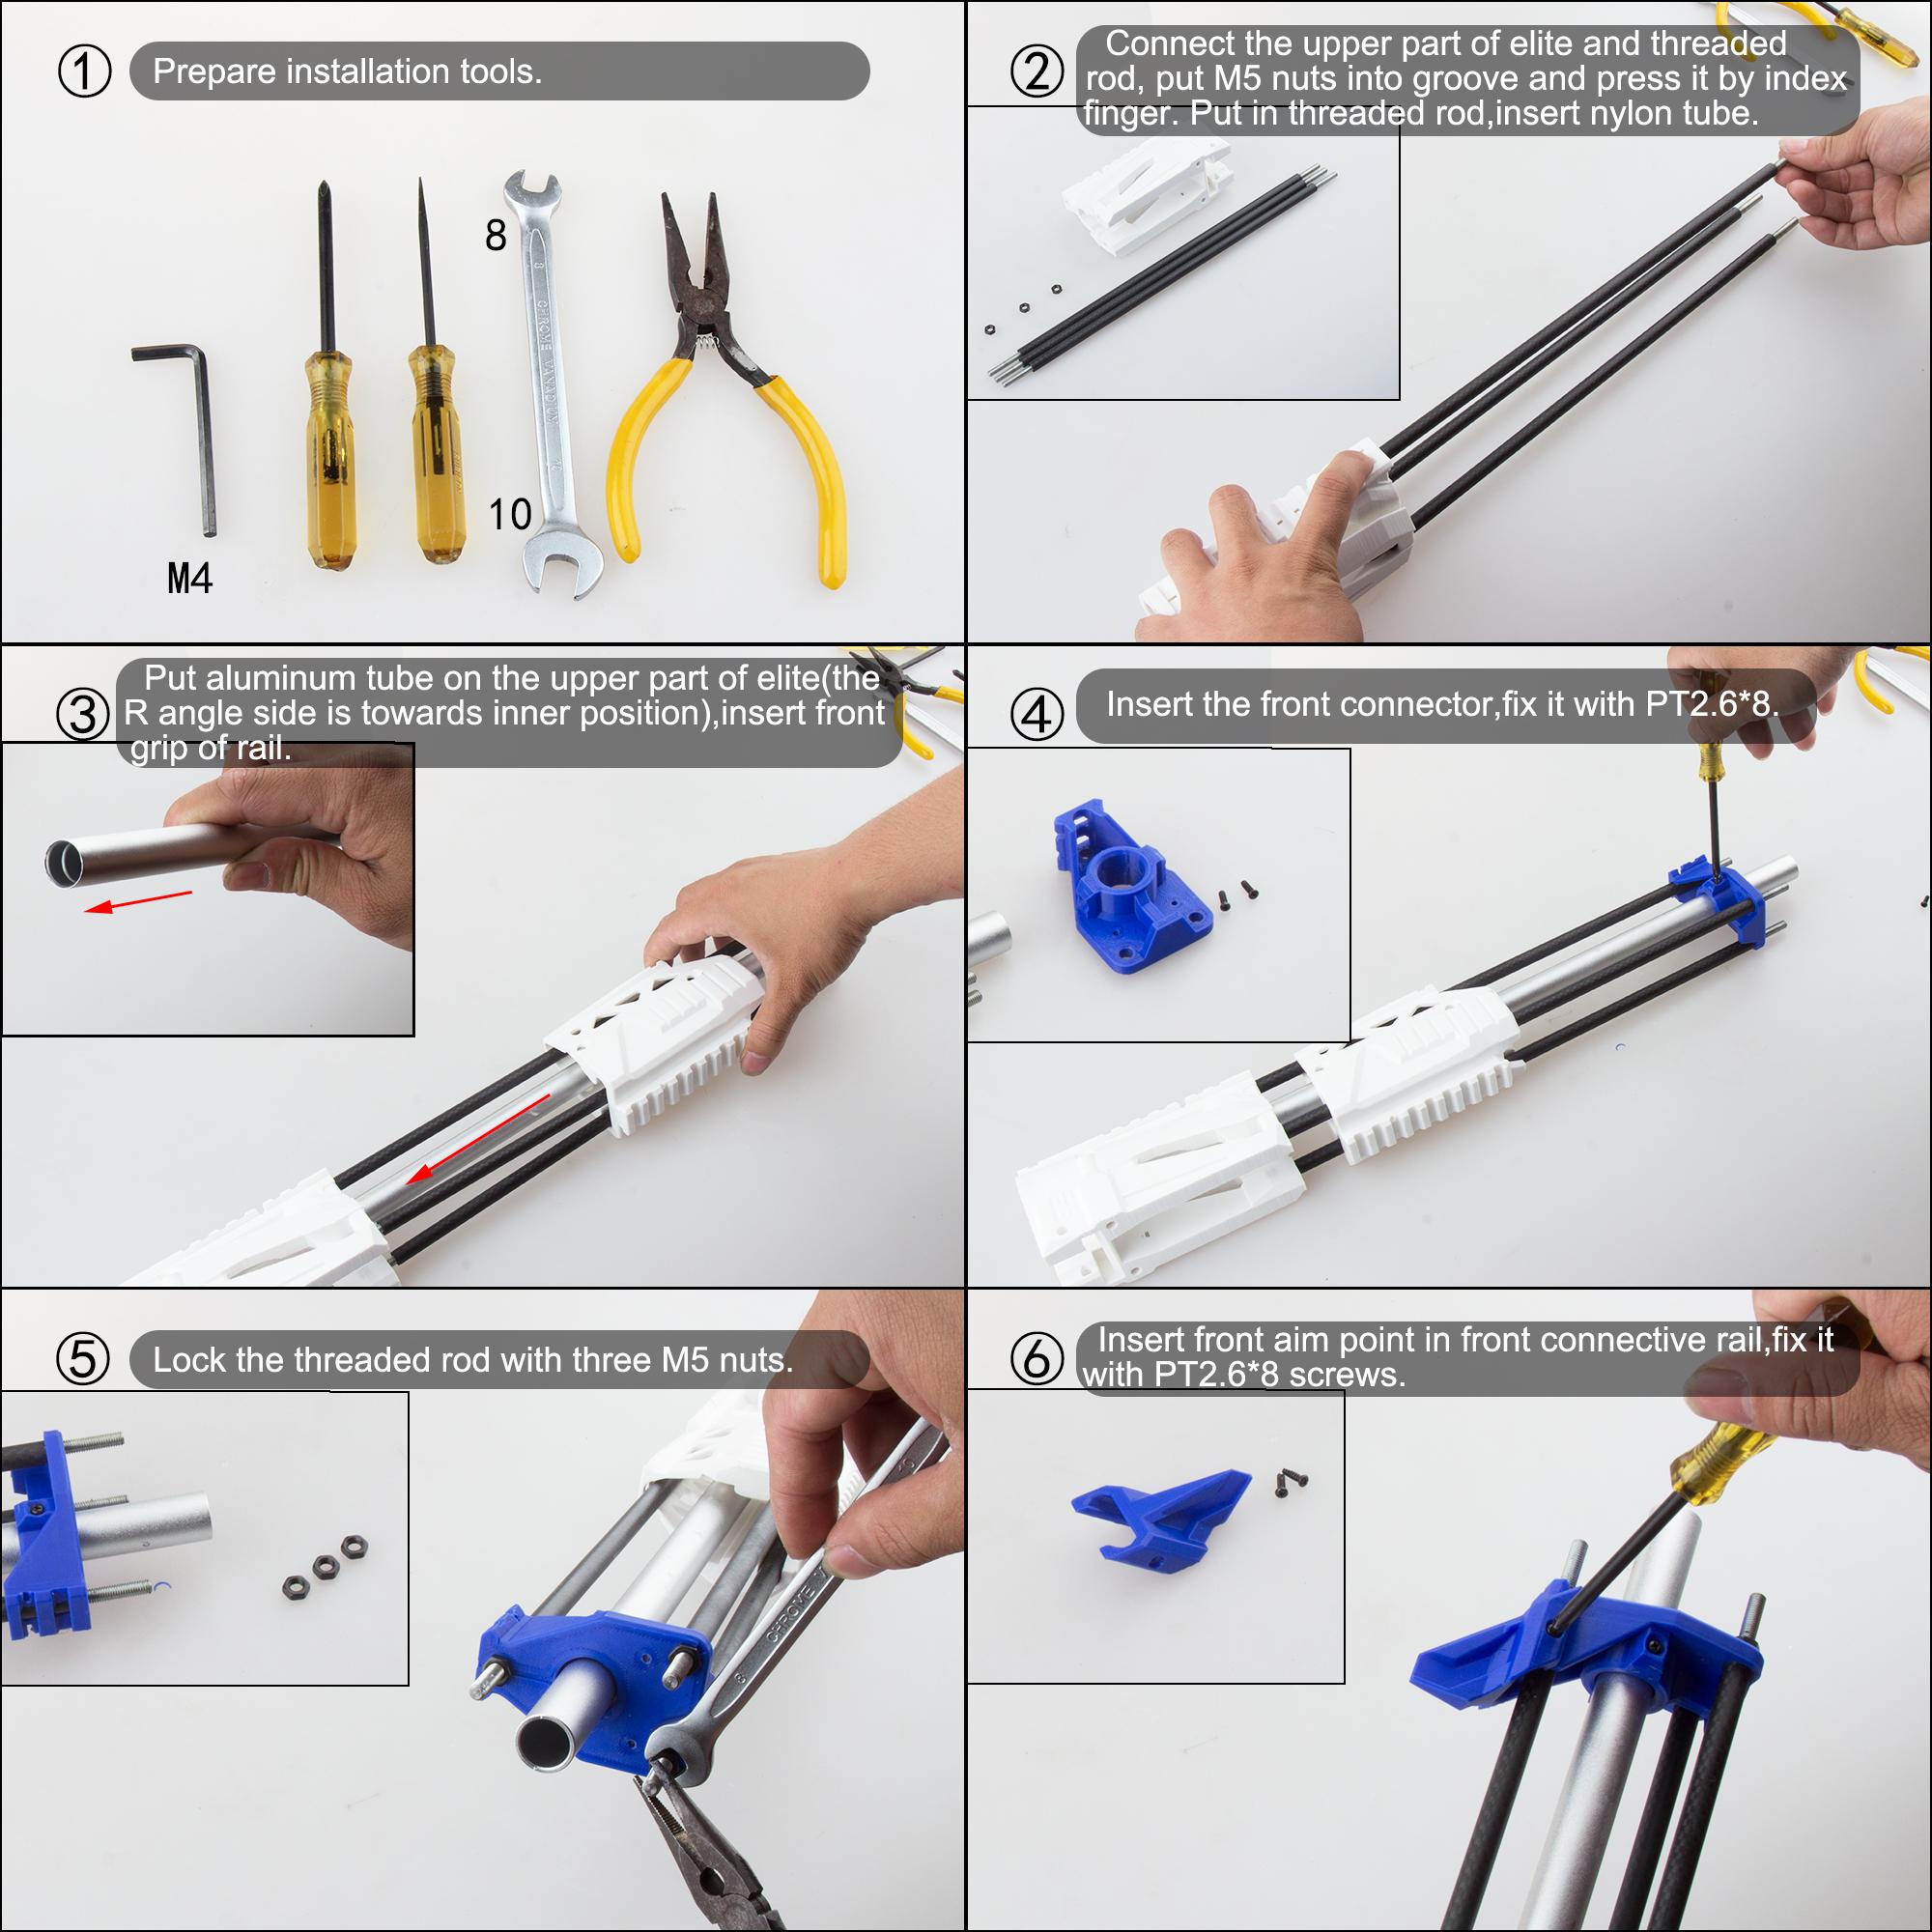 Worker Caliburn 3D Printed Nerf Blaster Kit v1.1 assembly 1